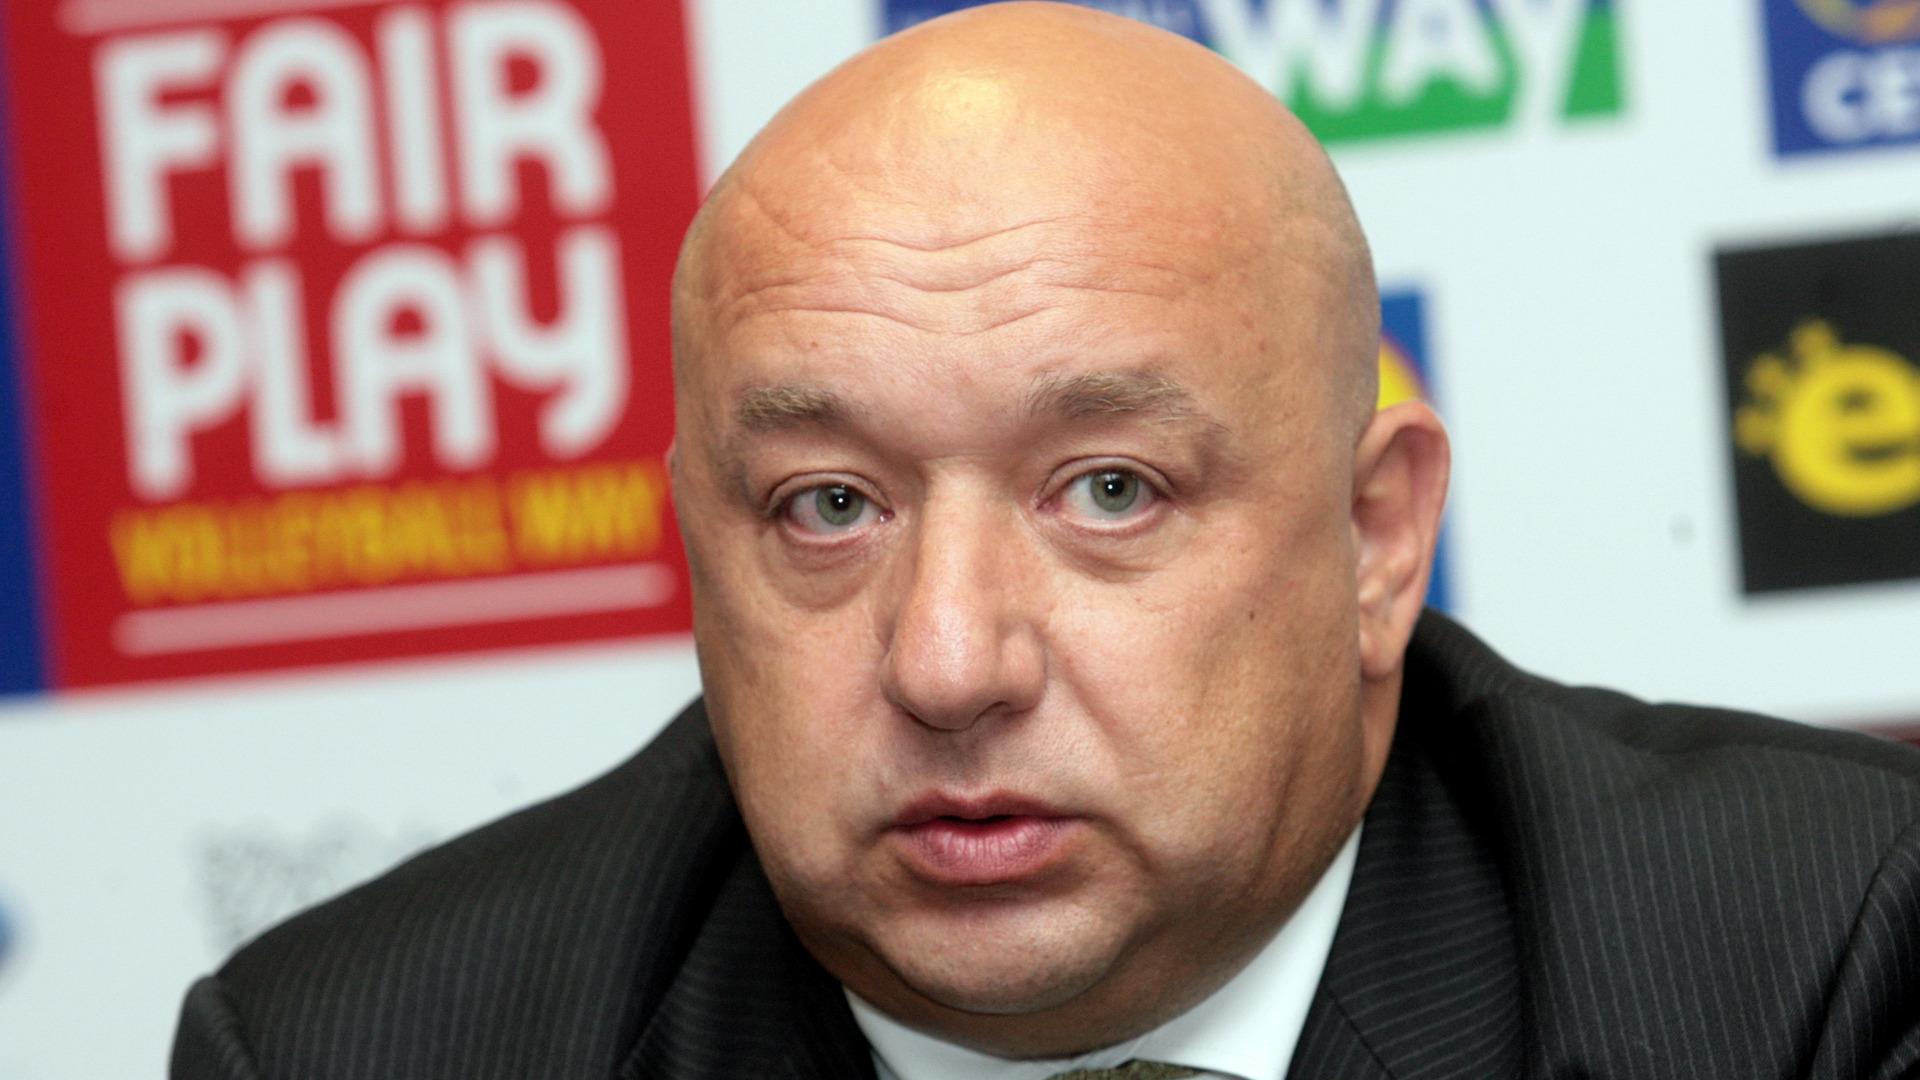 Спортният министър Красен Кралев пристига днес в Свиленград. На специална церемония в спортната зала ще бъдат отличени изявени личности и организации от града. Събитието е на вестник Стандарт и Община Свиленград